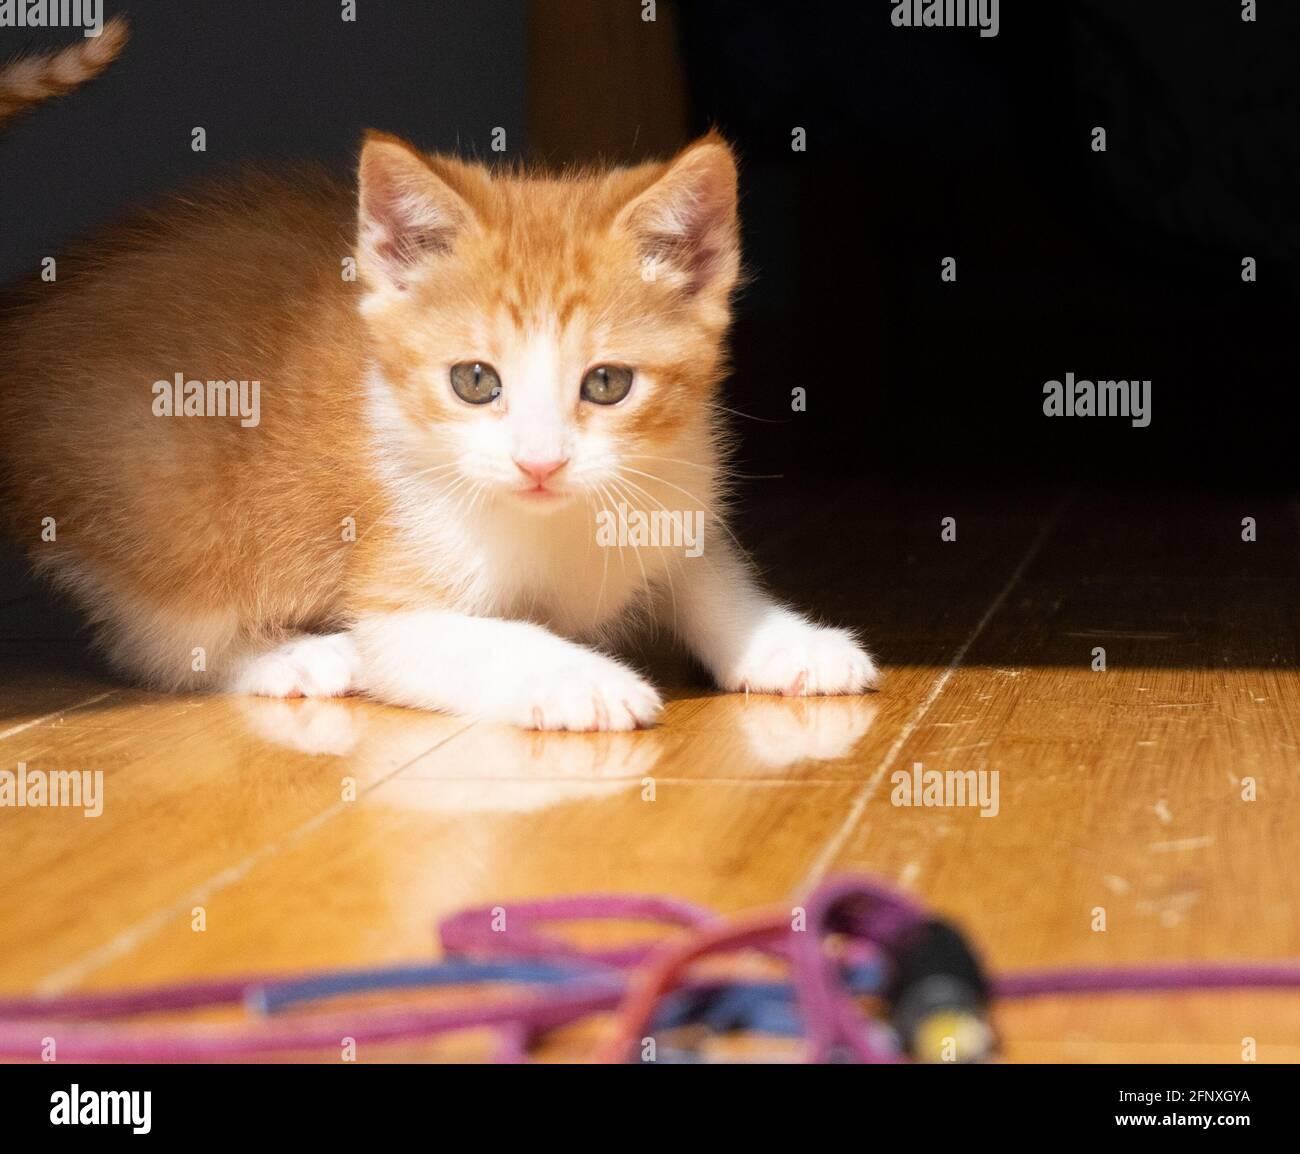 Un chaton au gingembre blanc et orange est un jouet un plancher de bois franc Banque D'Images